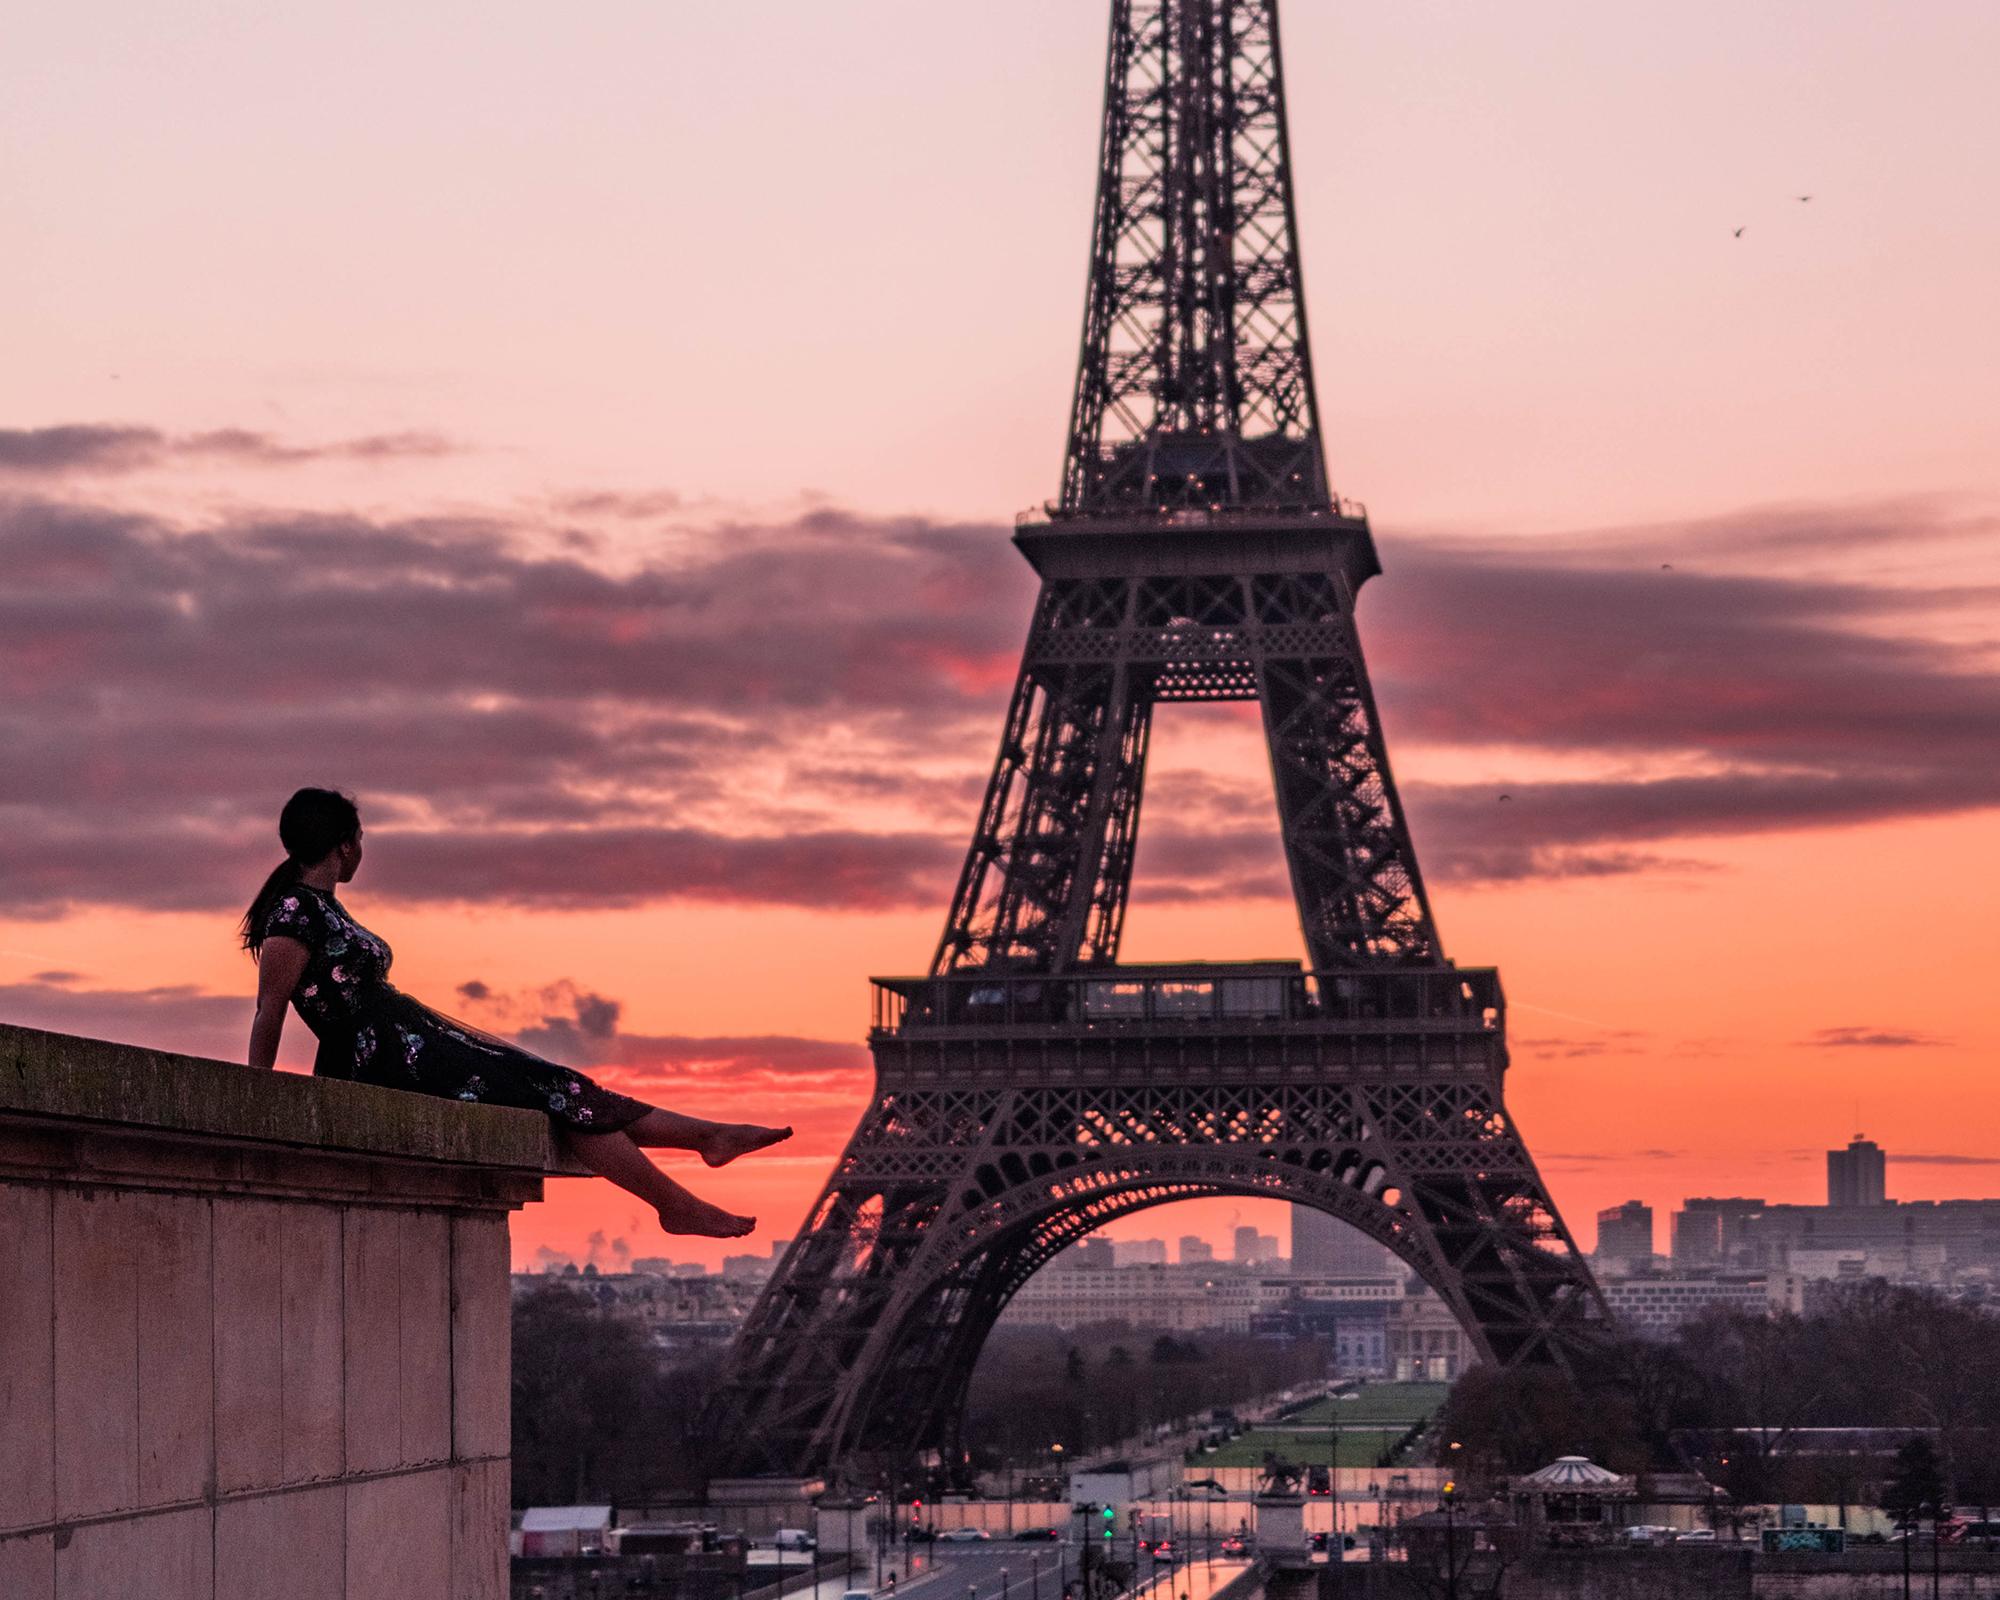 PFH Eiffel Tower Paris Sunrise